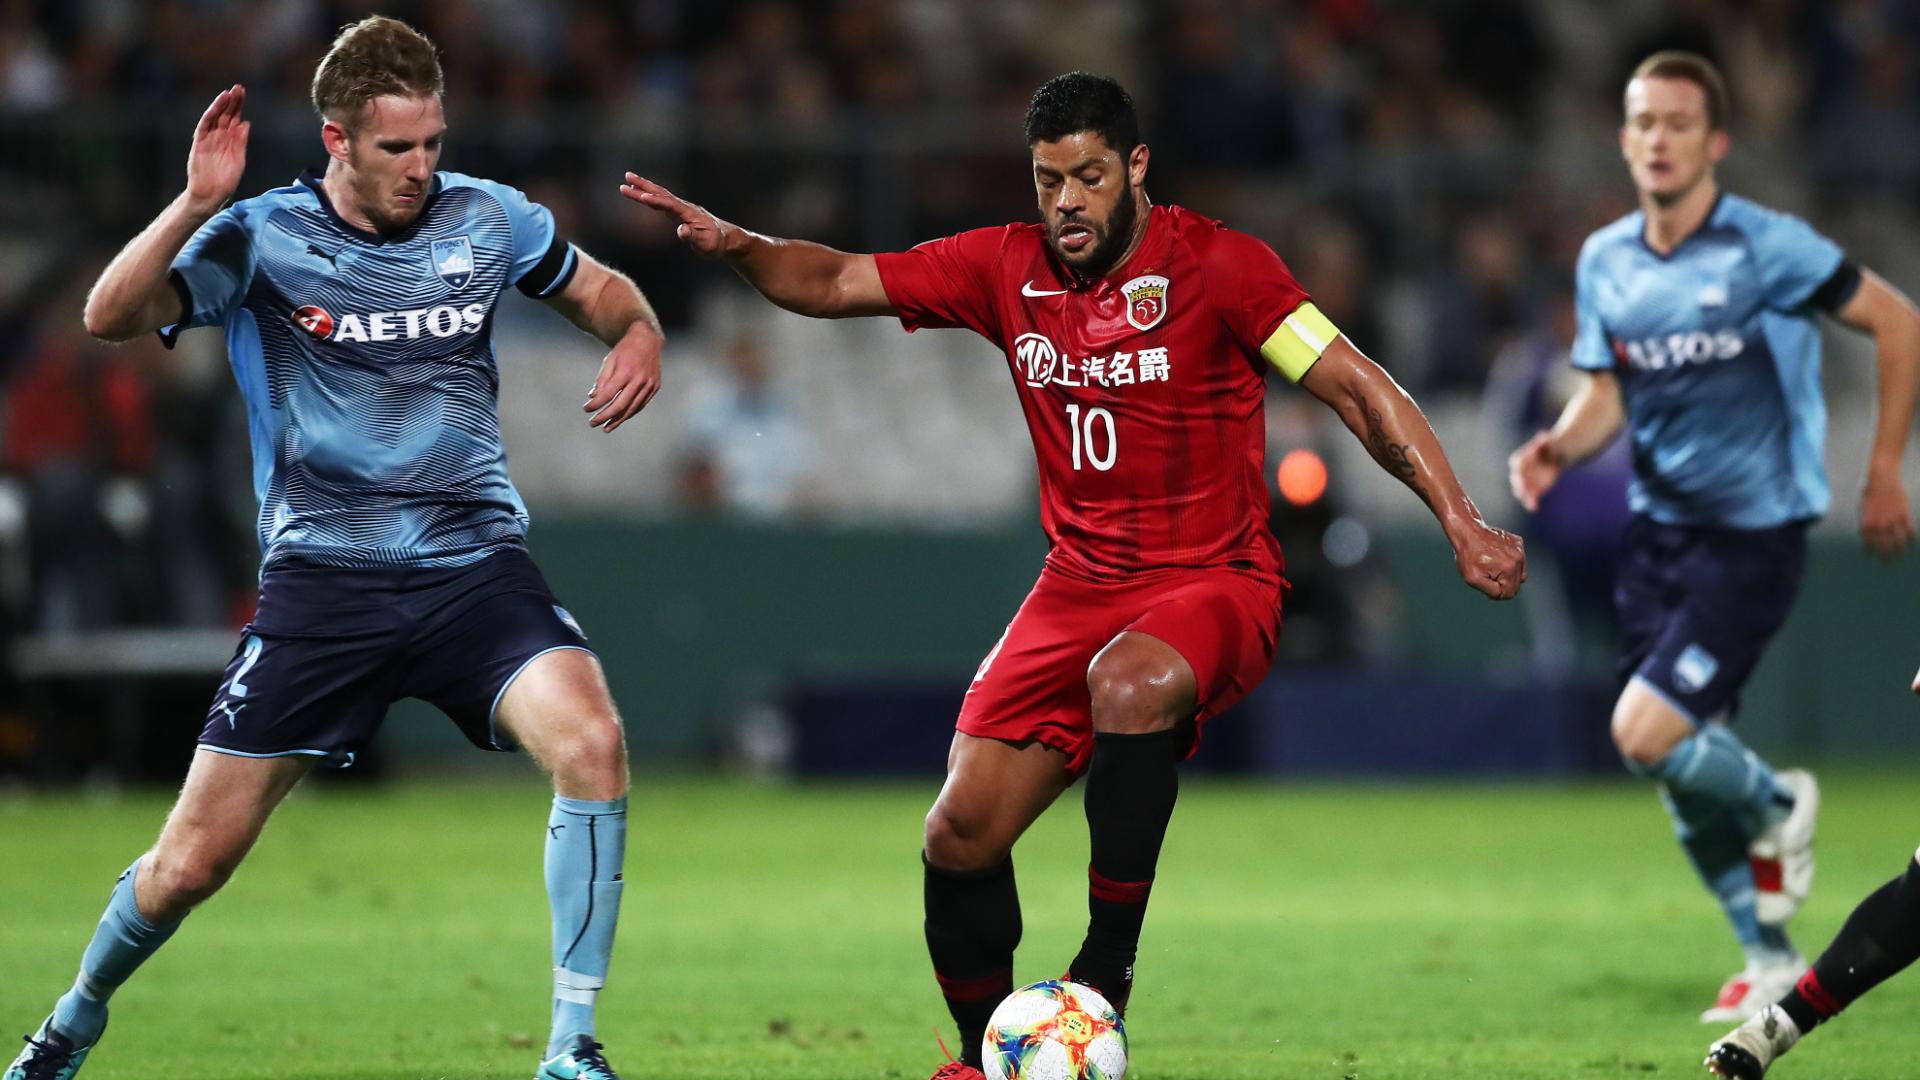 「亚冠杯」赛事前瞻:上海上港vs悉尼FC,上海上港势不可挡